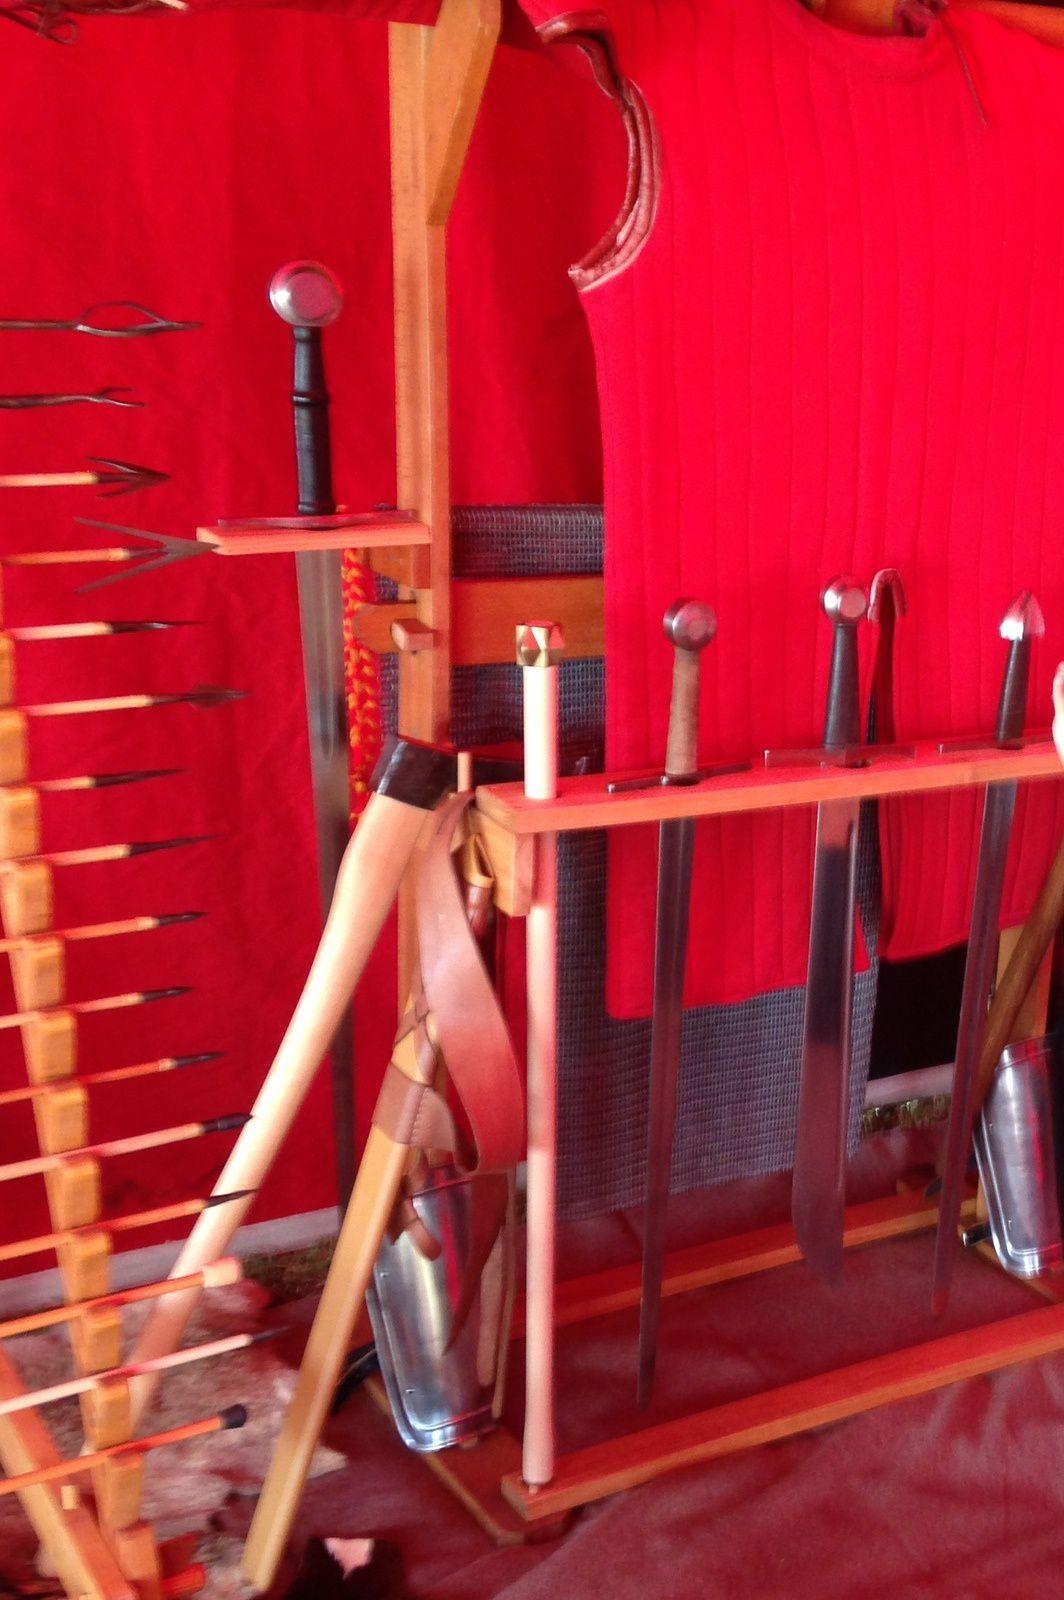 Épées de chevalier  -chambre  le moyen age, Auvergne, France.